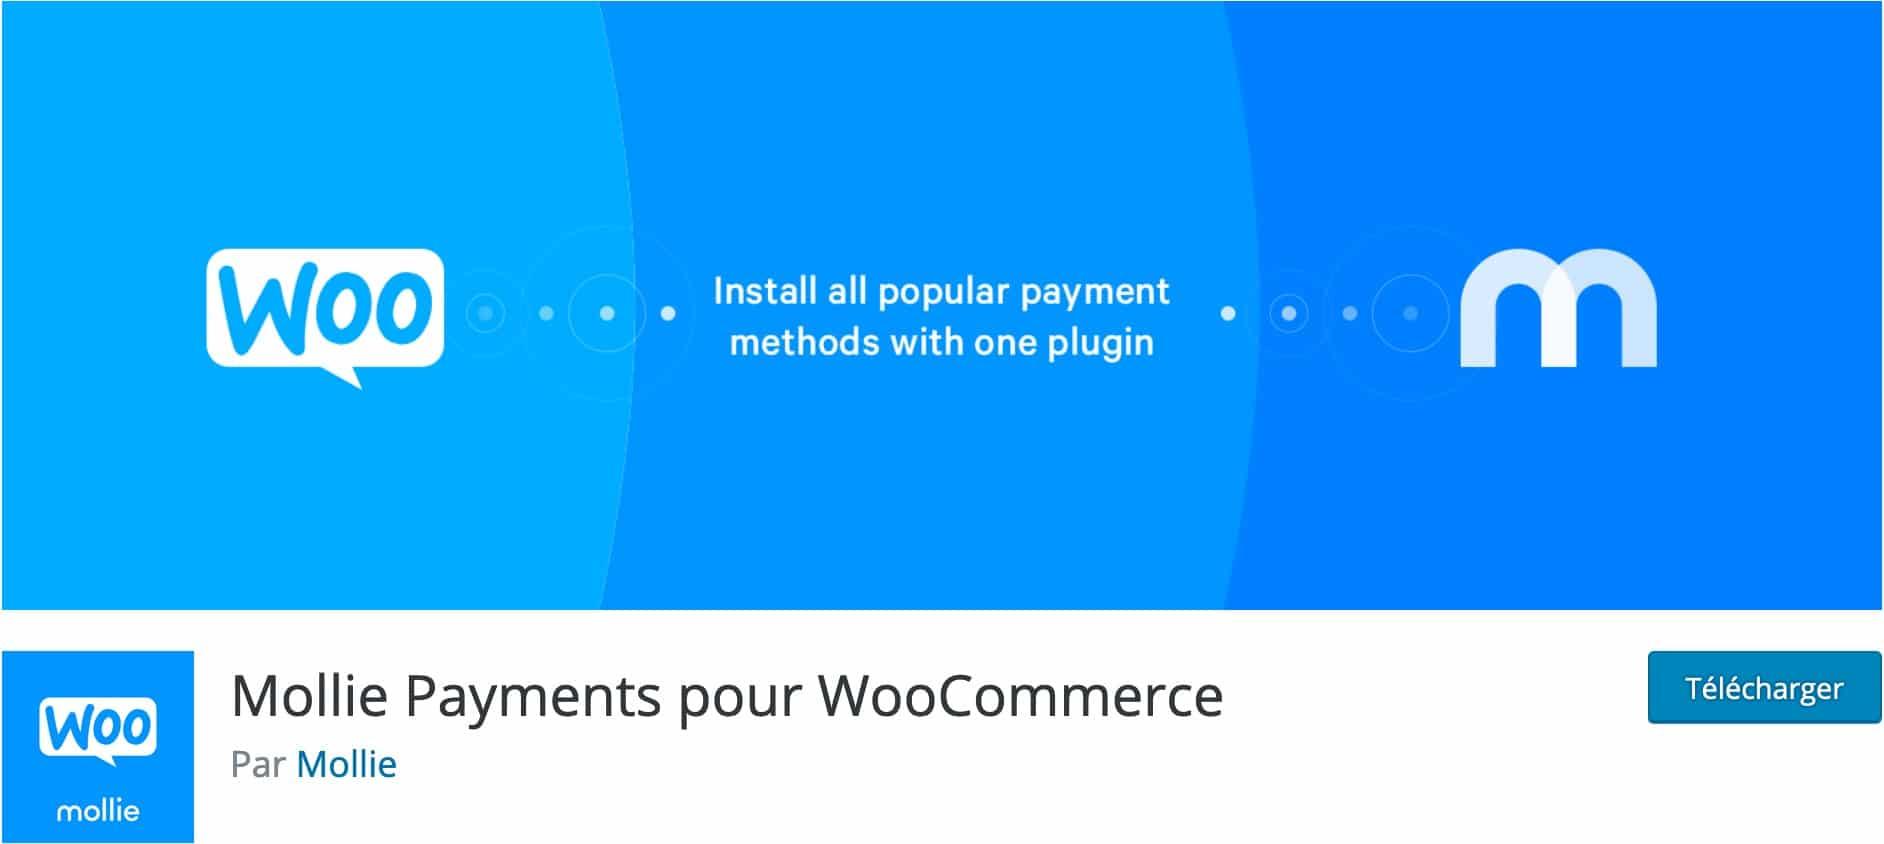 Mollie Payments pour WooCommerce, Plugin Gratuit Woocommerce WordPress